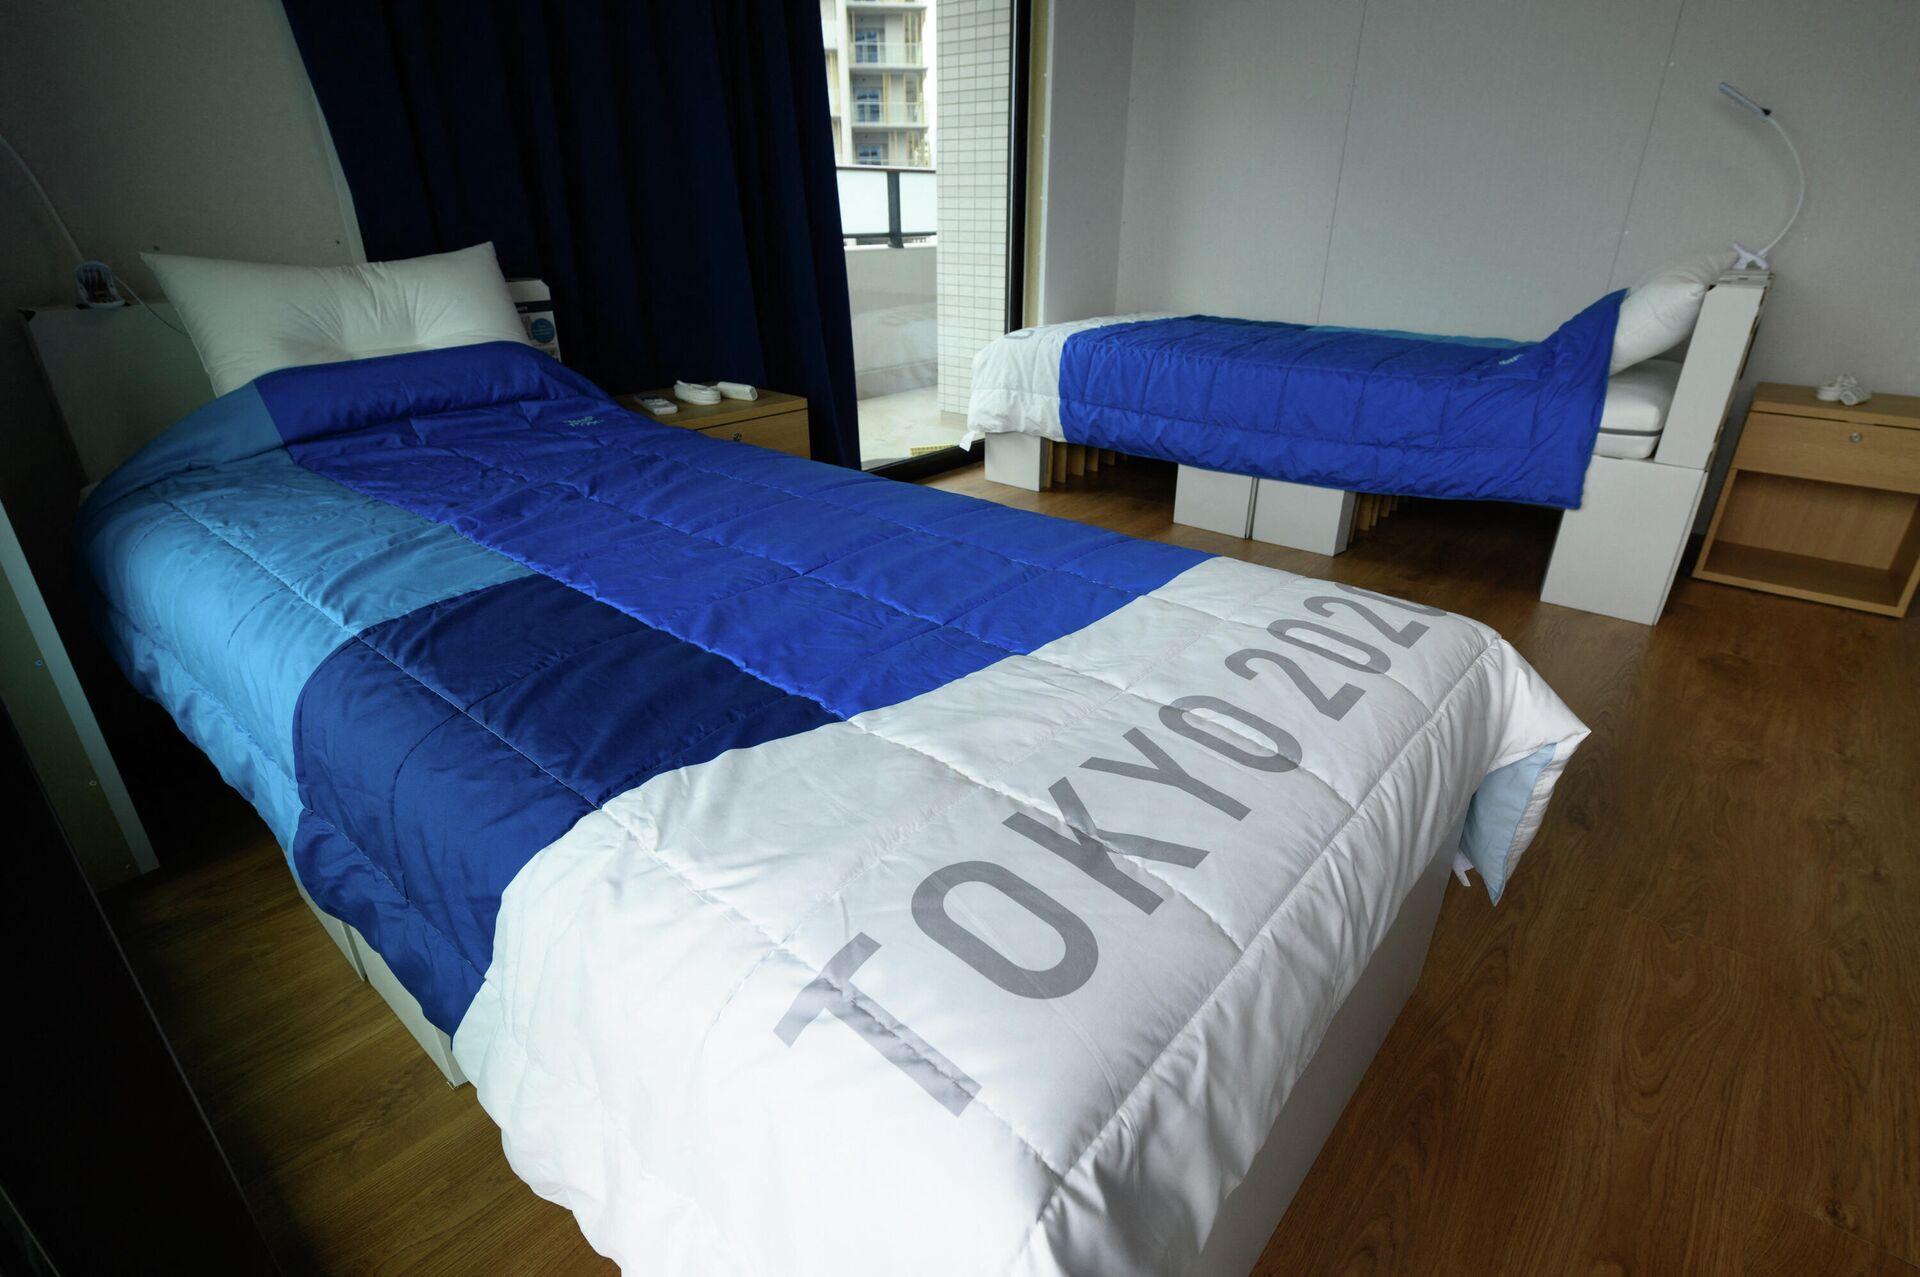 Картонные кровати для спортсменов в Олимпийской деревне на Играх в Токио - РИА Новости, 1920, 27.07.2021